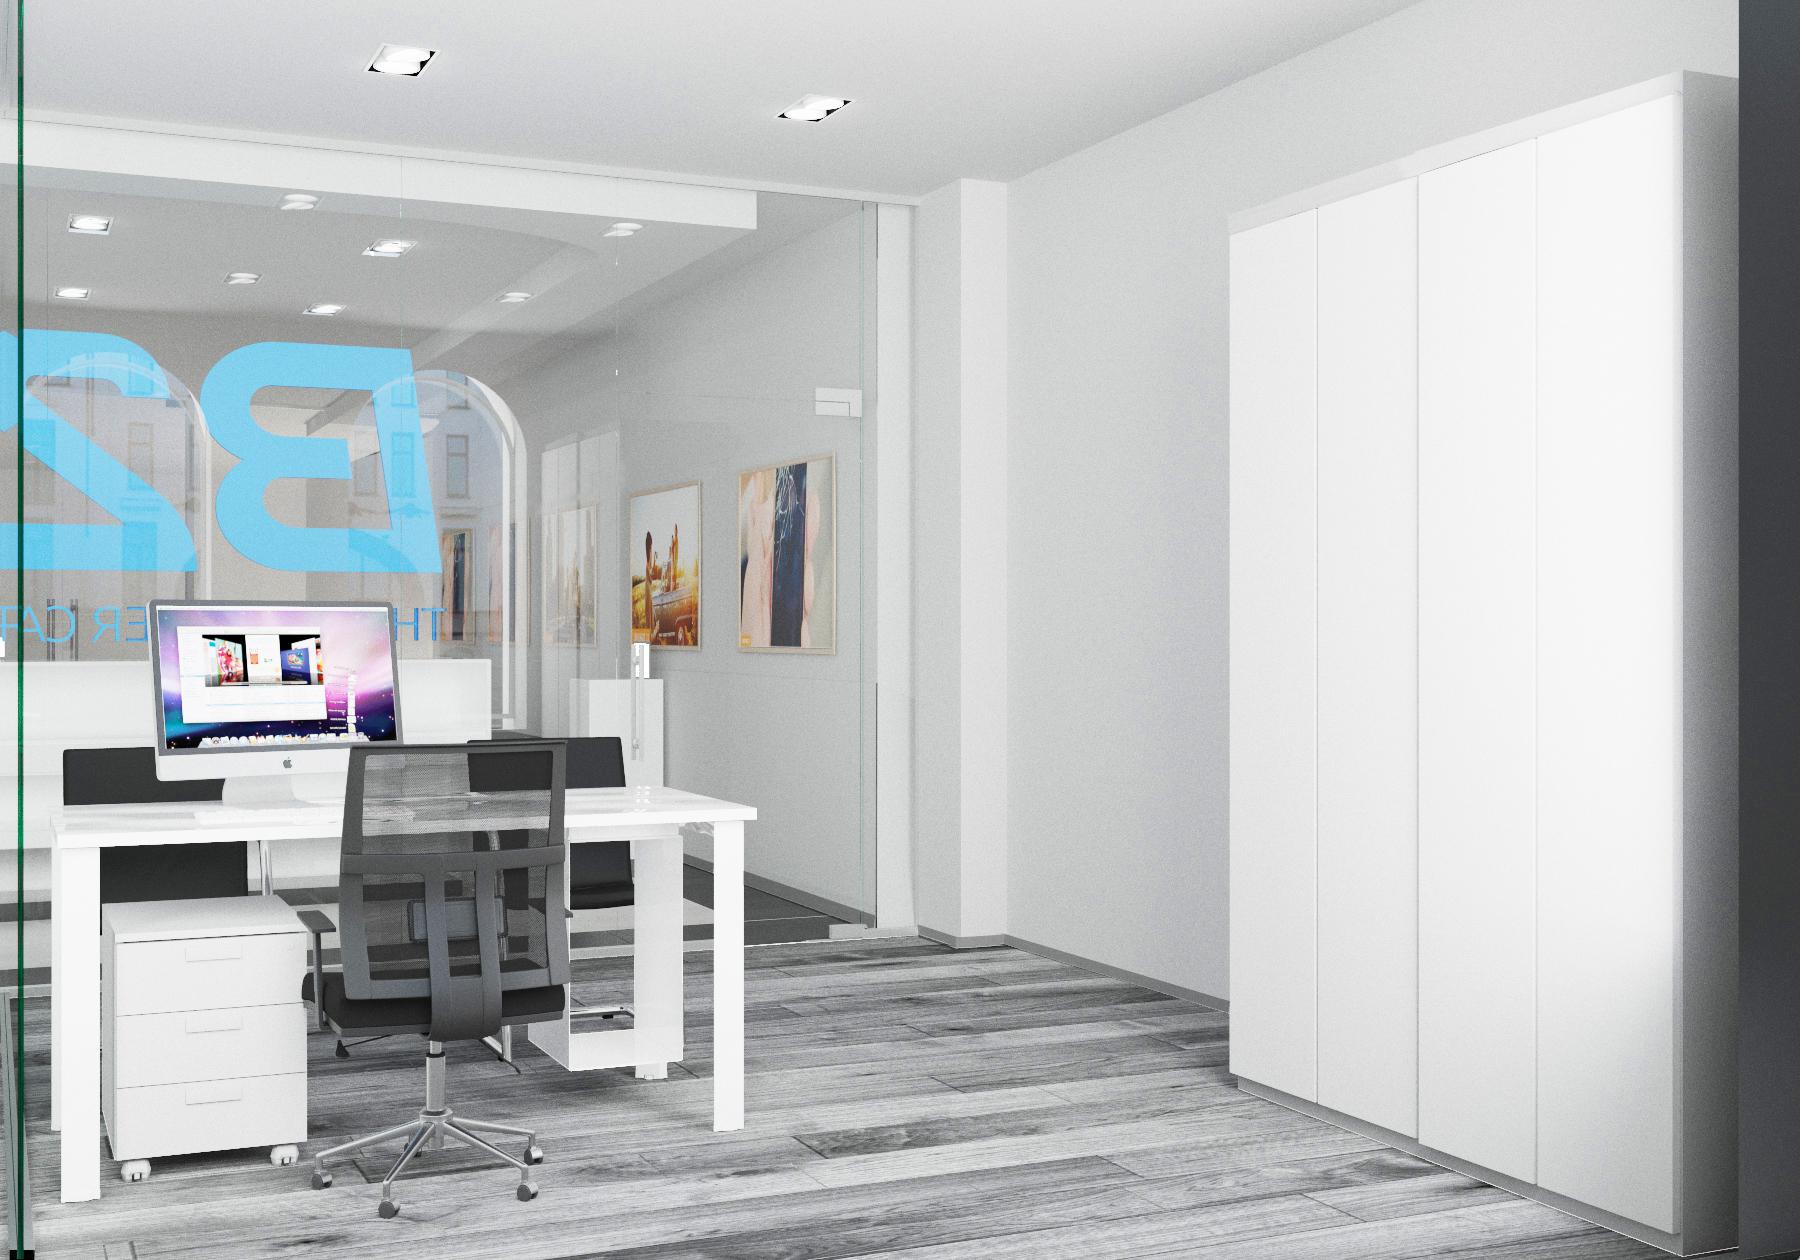 Дизайн интерьера сервисного центра Apple. Визуализация